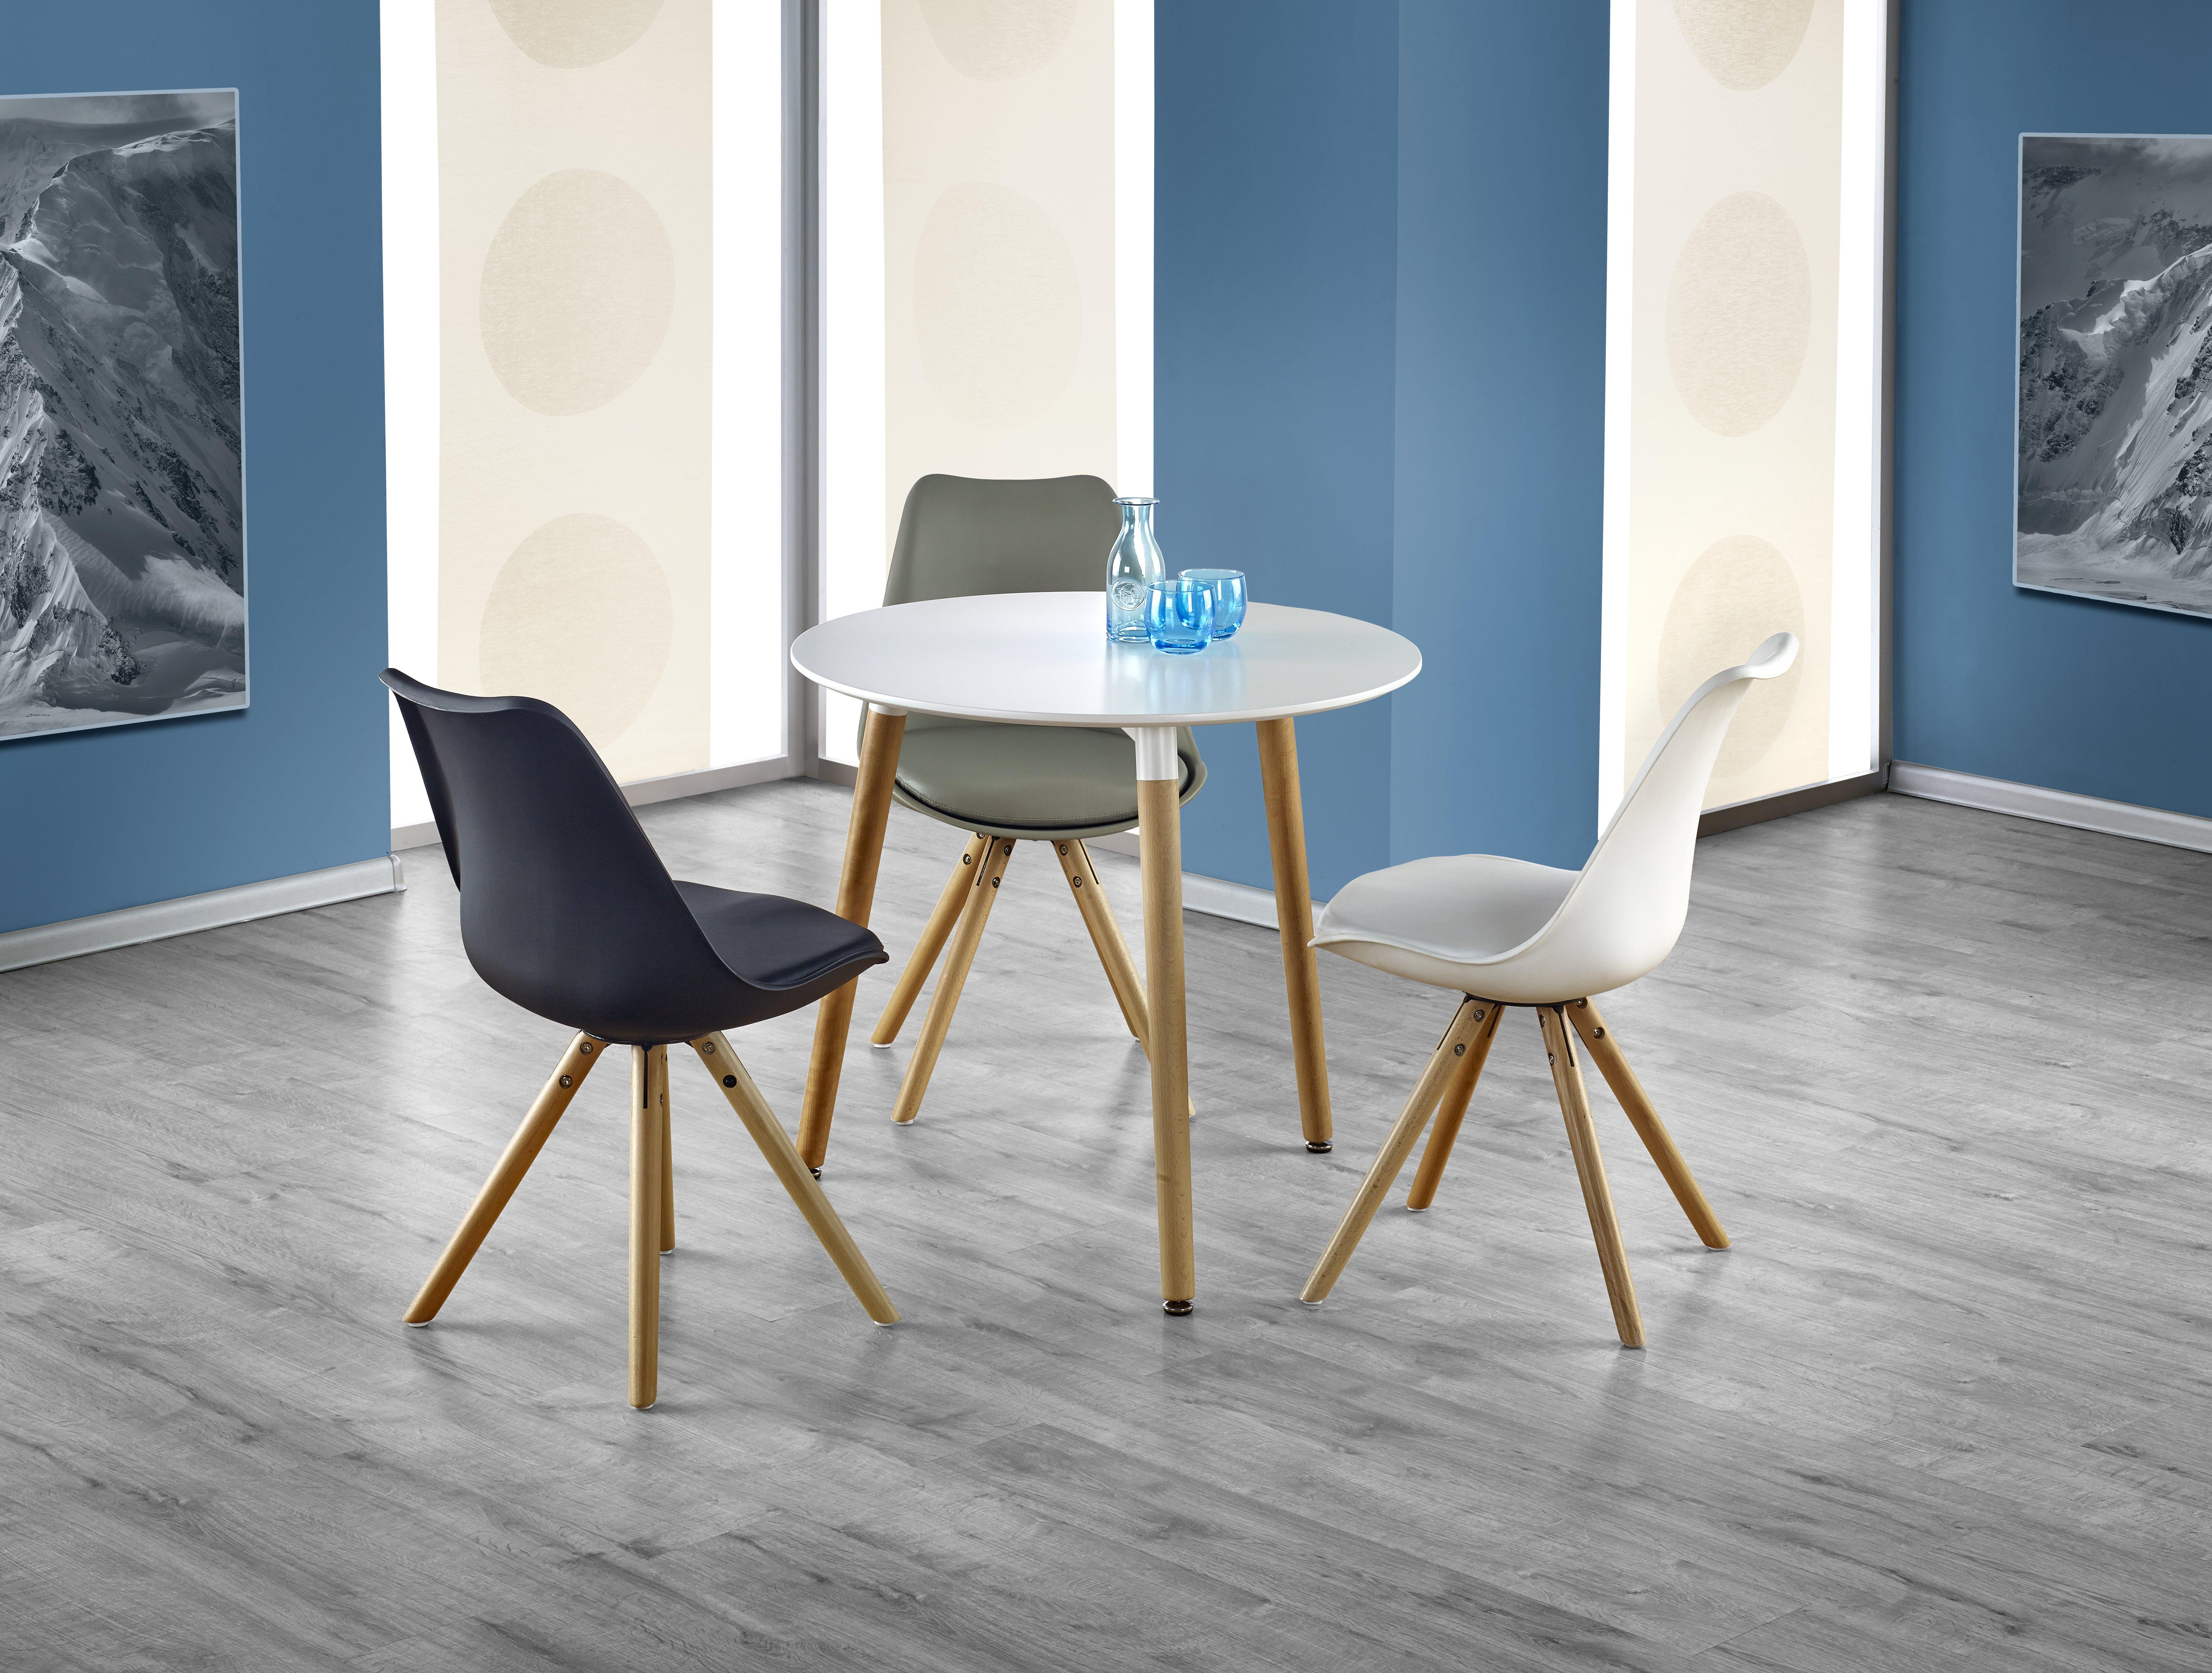 Jedálenský stôl - Halmar - Socrates okrúhly (pre 4 osoby). Sme autorizovaný predajca Halmar. Vlastná spoľahlivá doprava až k Vám domov.